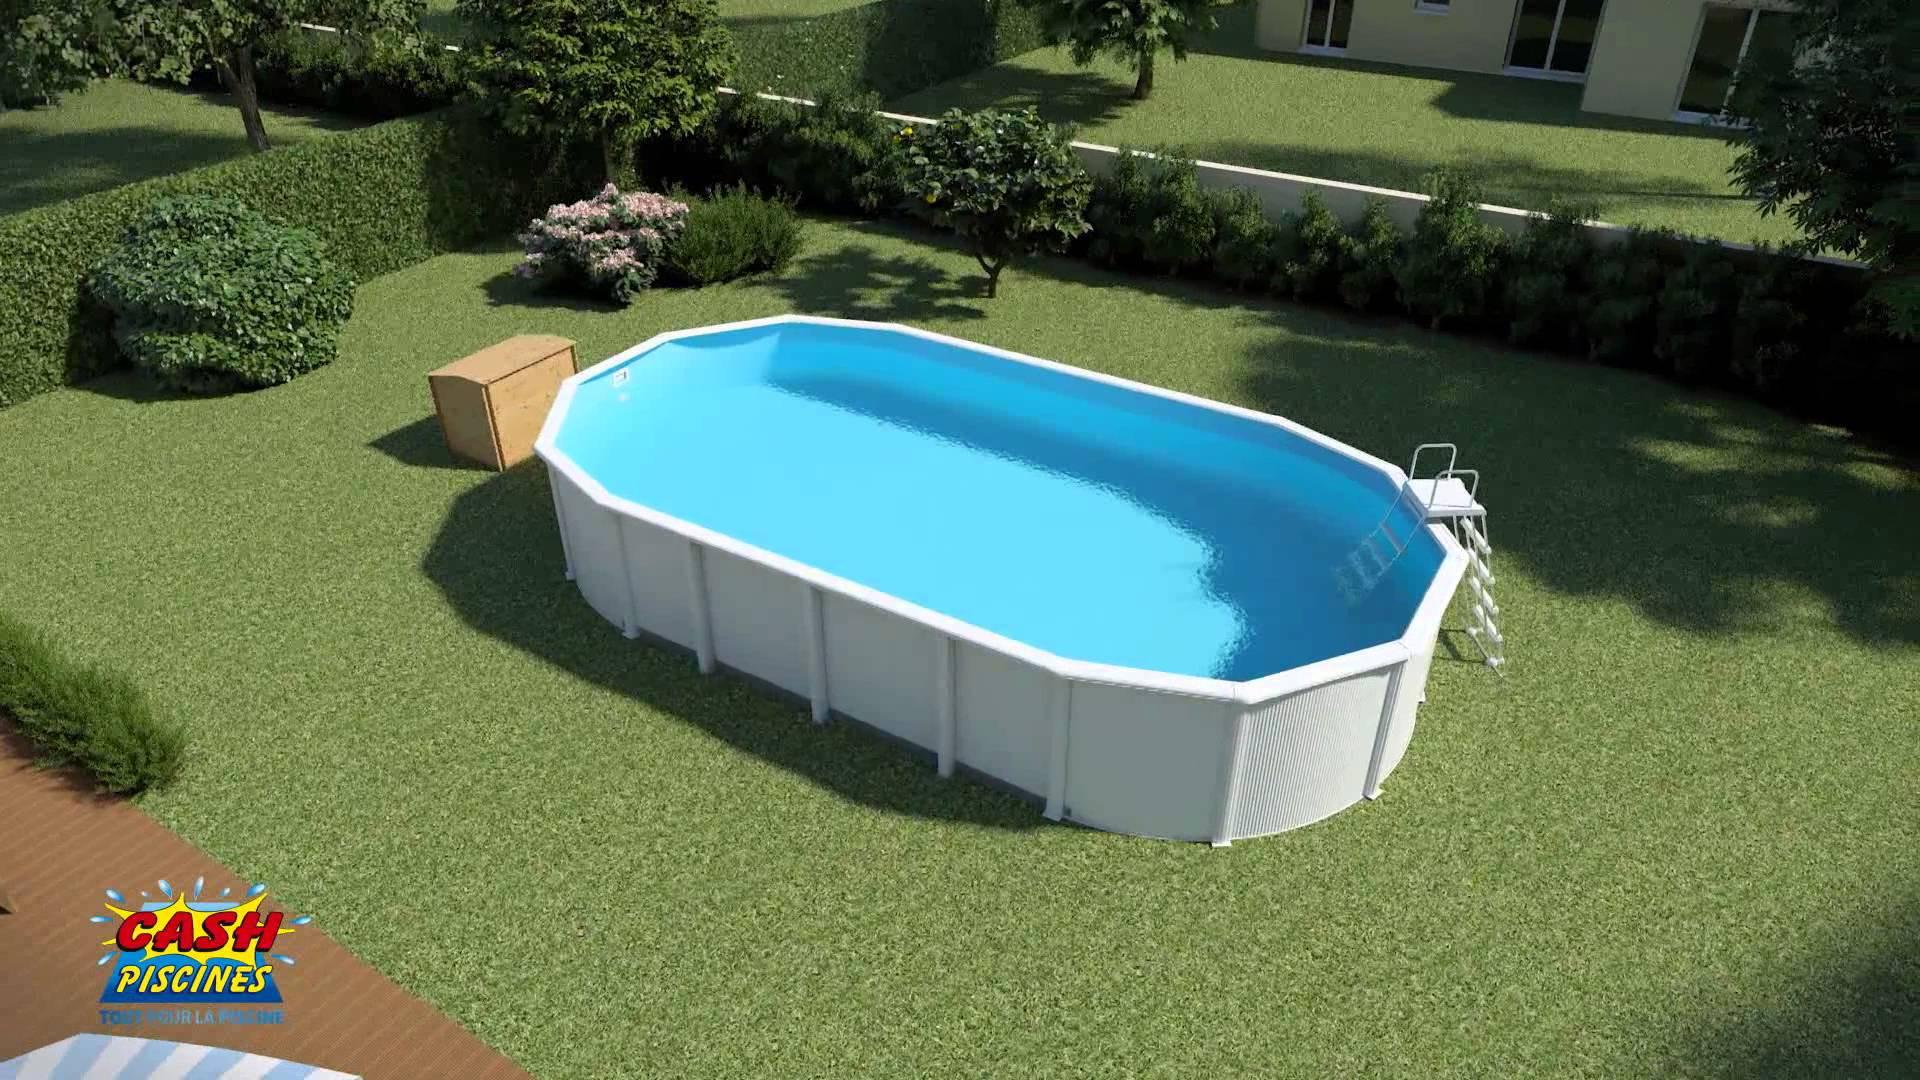 aspirateur piscine hors sol cash piscine